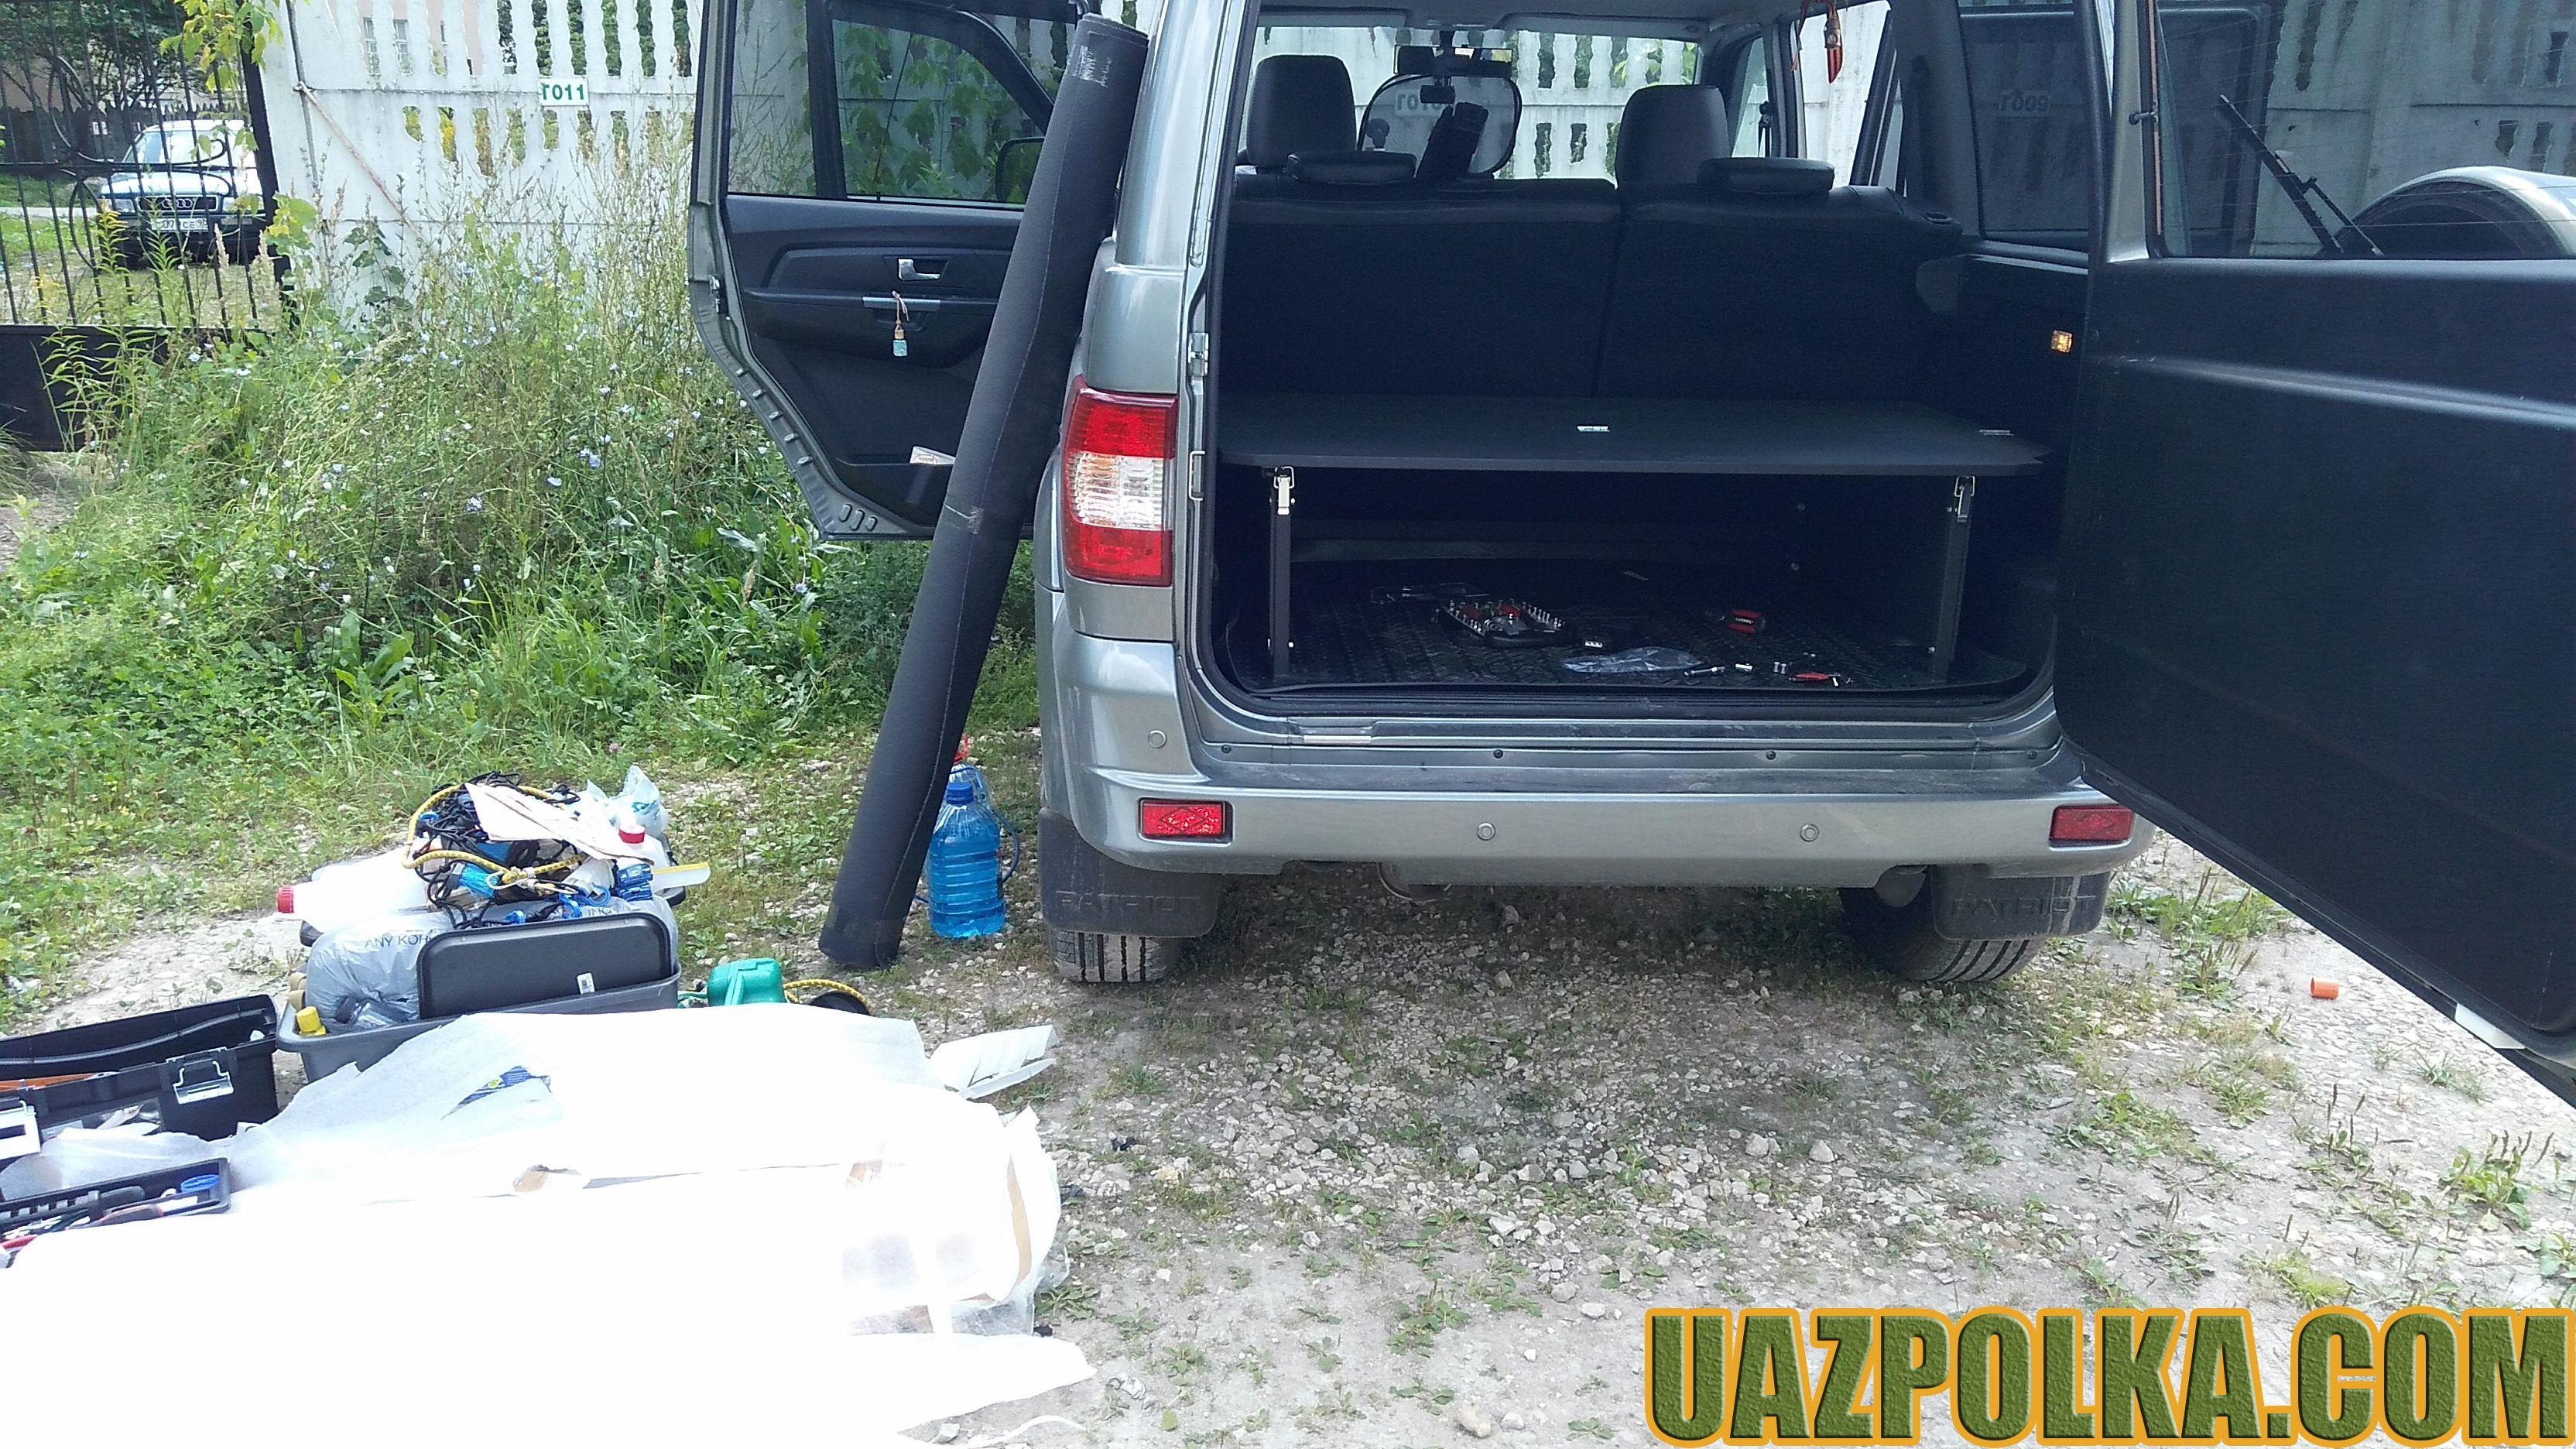 УАЗ Патриот 2016 и полка Эконом New - без опций_1